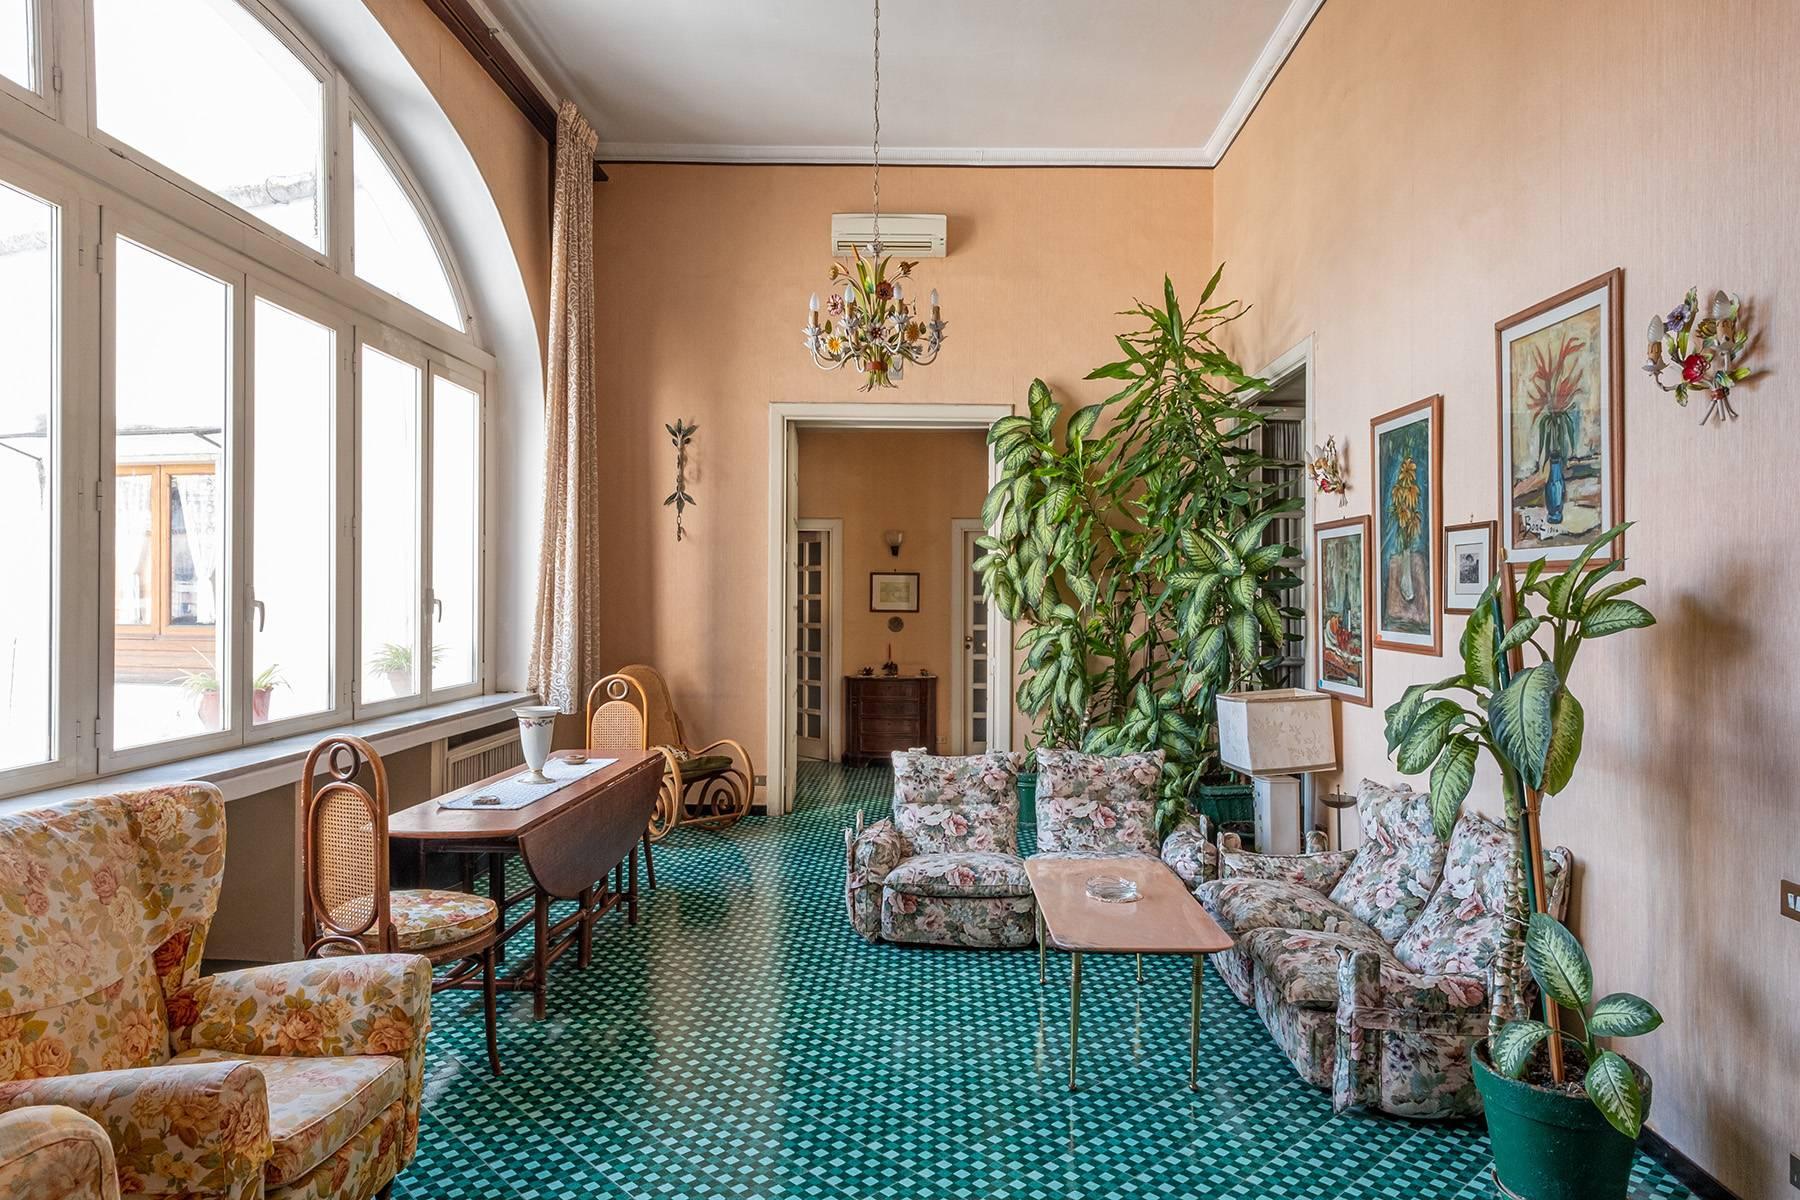 Prächtige repräsentative Wohnung in einer historischen Residenz - 6